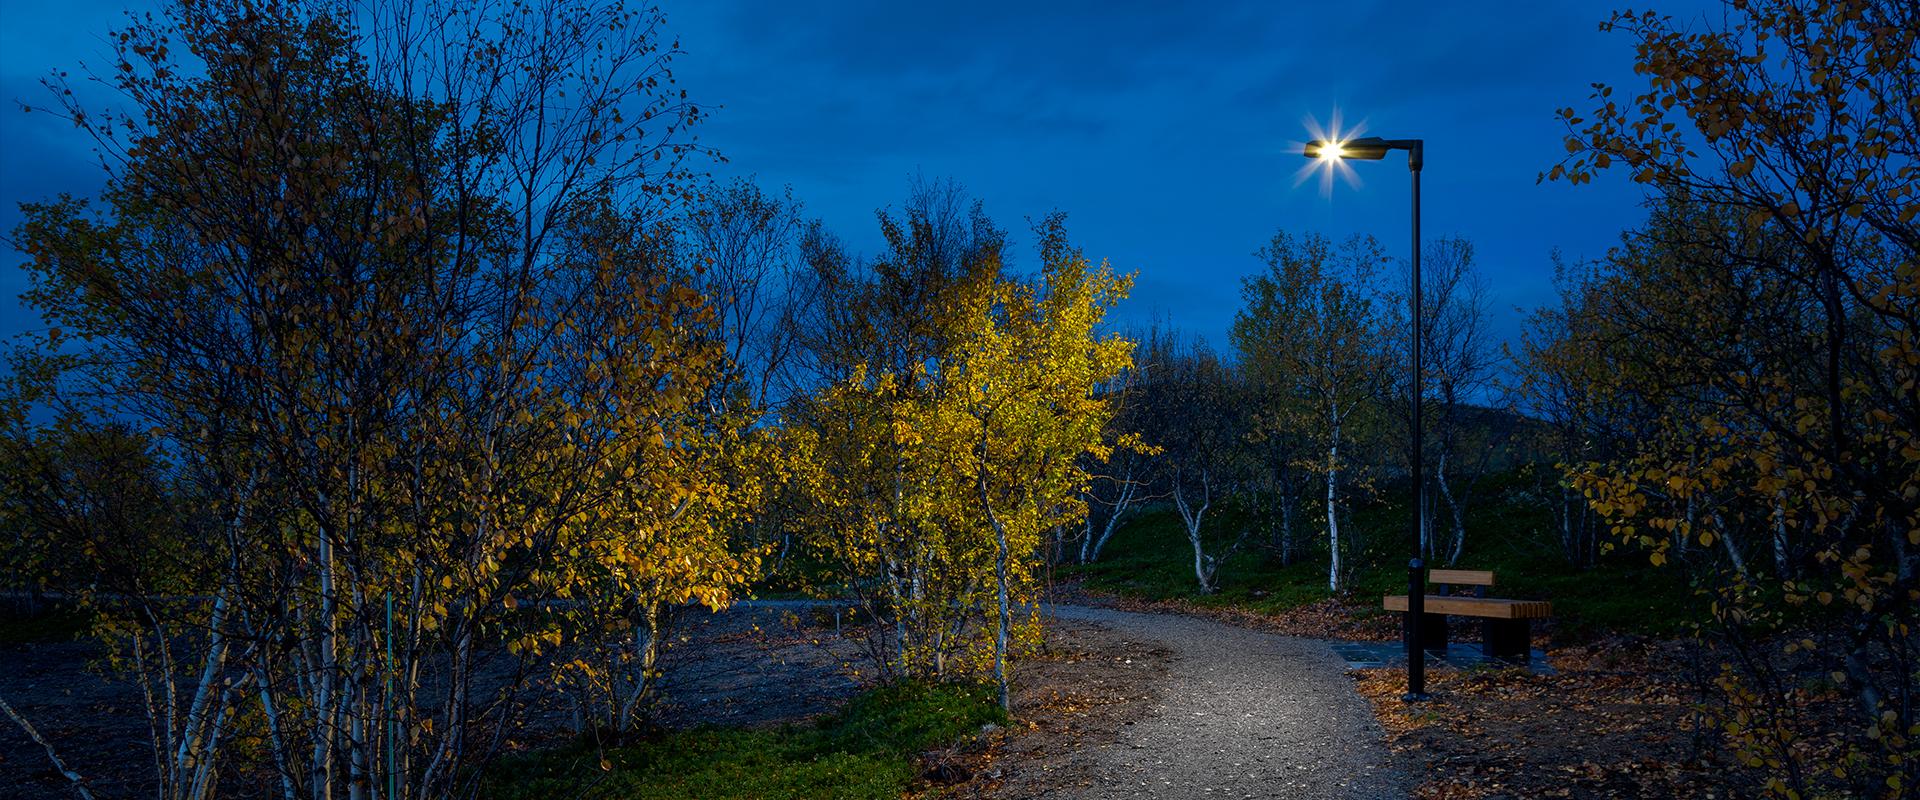 Lampione illuminazione pubblica a led